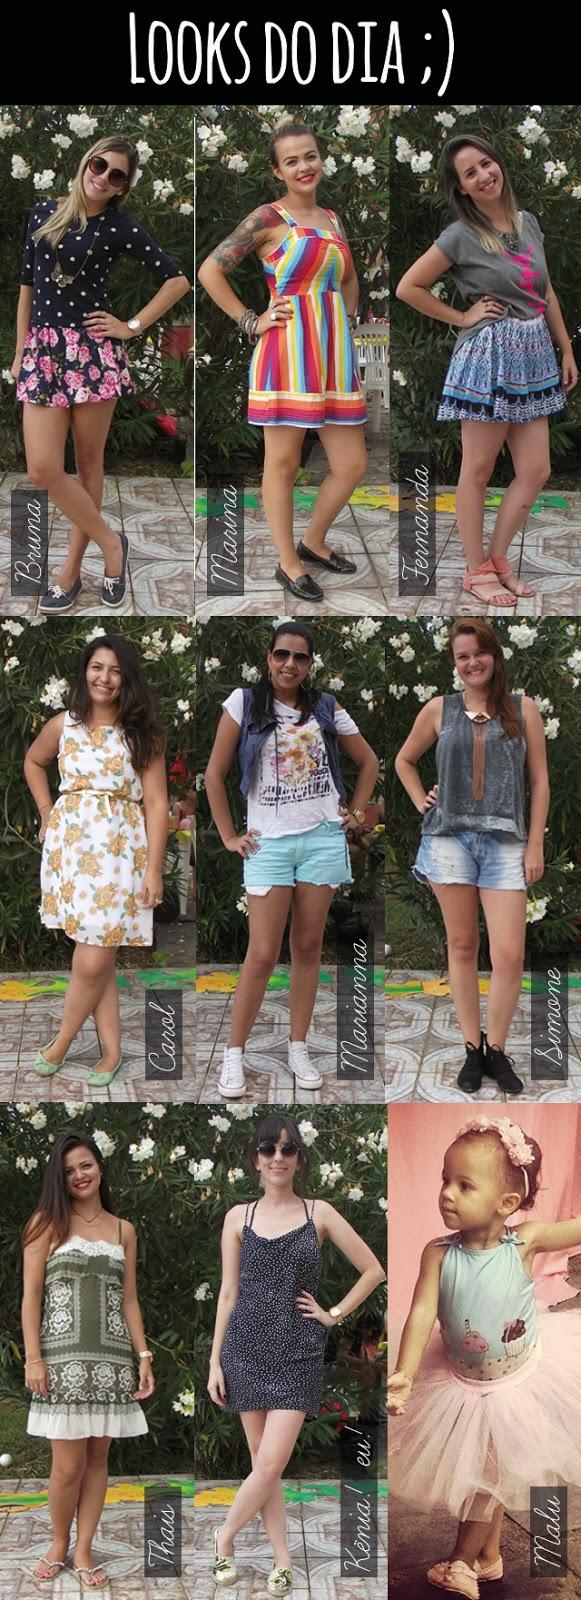 amigas, produção, festa, aniversário, sitio, calor, verão, vestido, saia, dockside, alpargata, cores, mix de estampas, estilo, moda